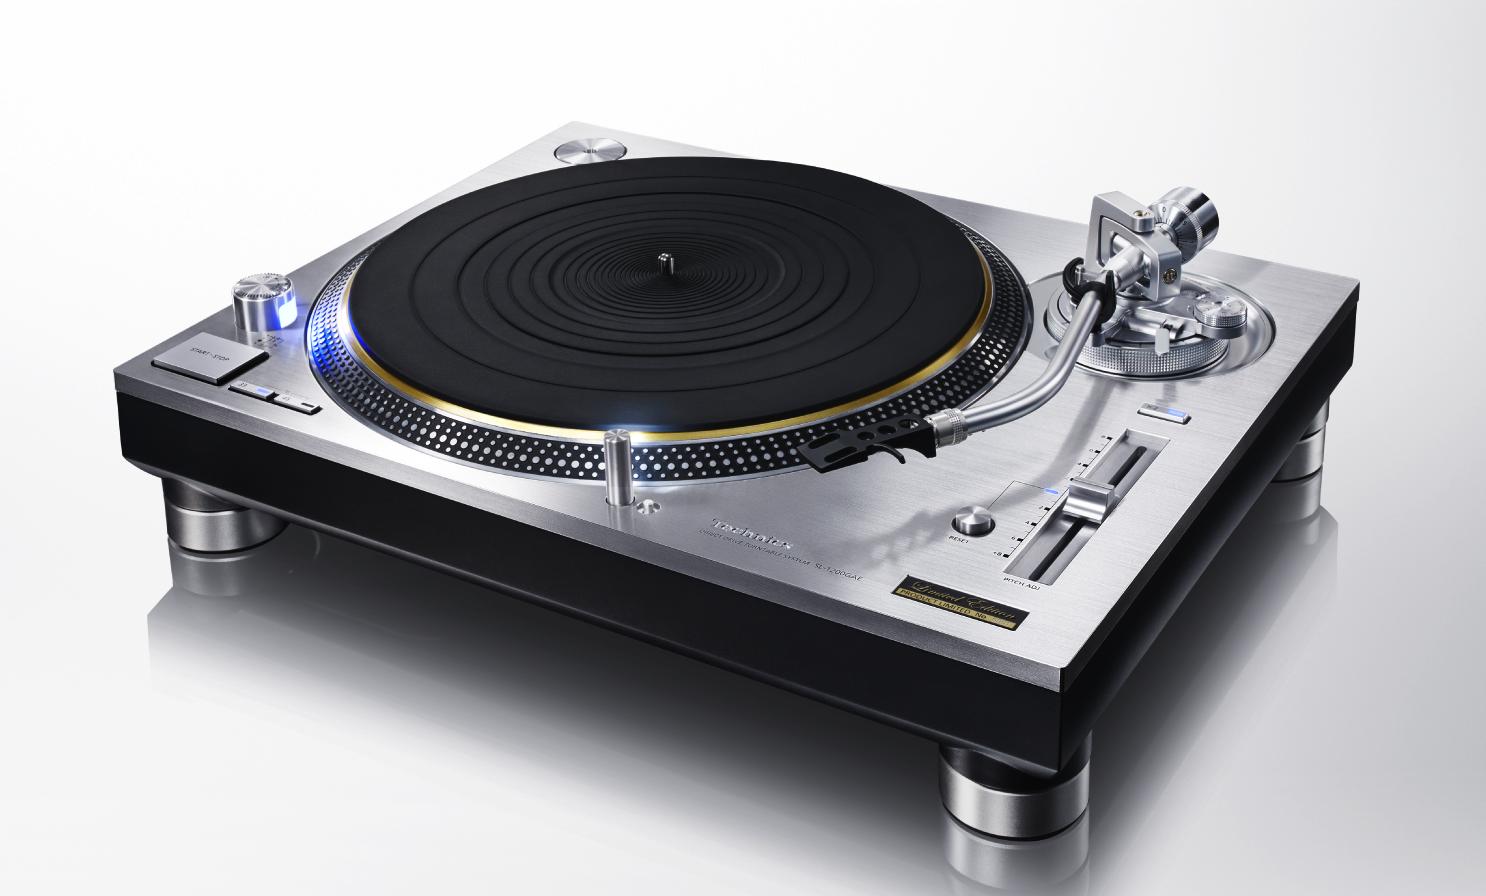 Technics bringt wieder den Kult-Plattenspieler SL-1200 auf den Markt. Er ist ausgestattet mitSensoren, die Rotationsgeschwindigkeit und Vibration kontrollieren.